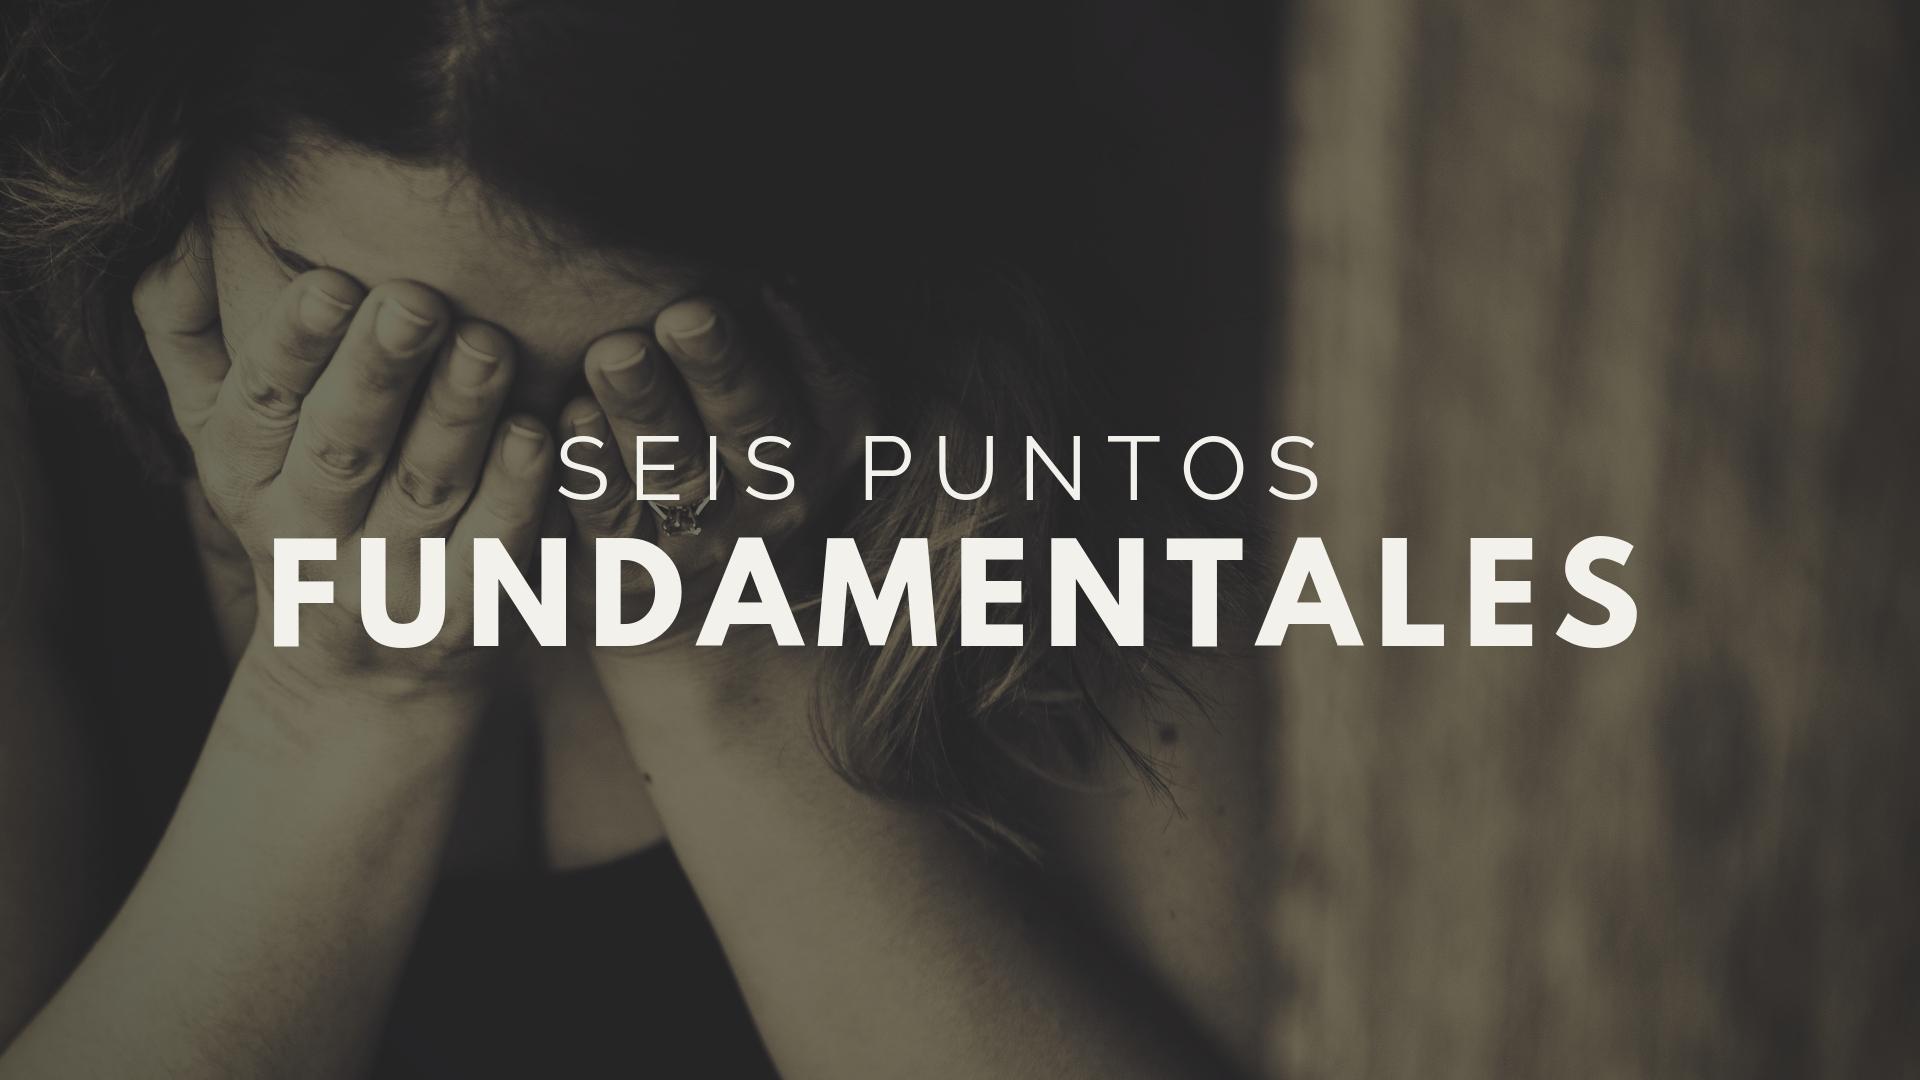 seis puntos fundamentales sobre dolor